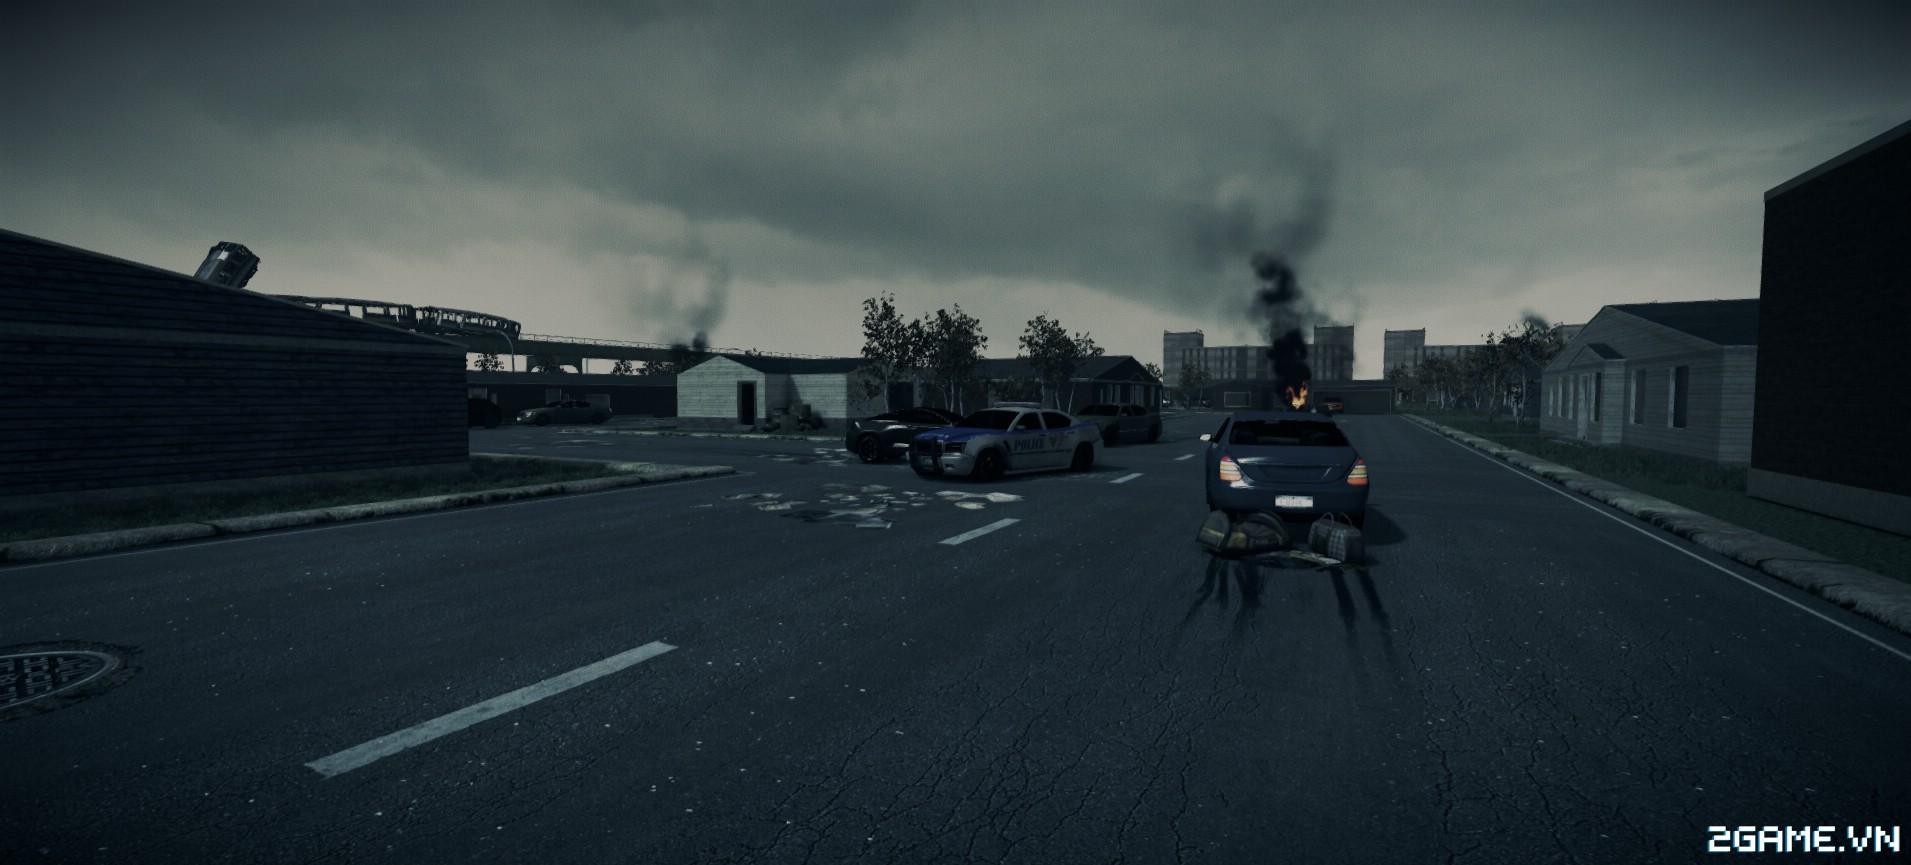 Dead Matter - Dự án game sinh tồn lấy chủ đề xác sống đang thu hút sự chú ý 3